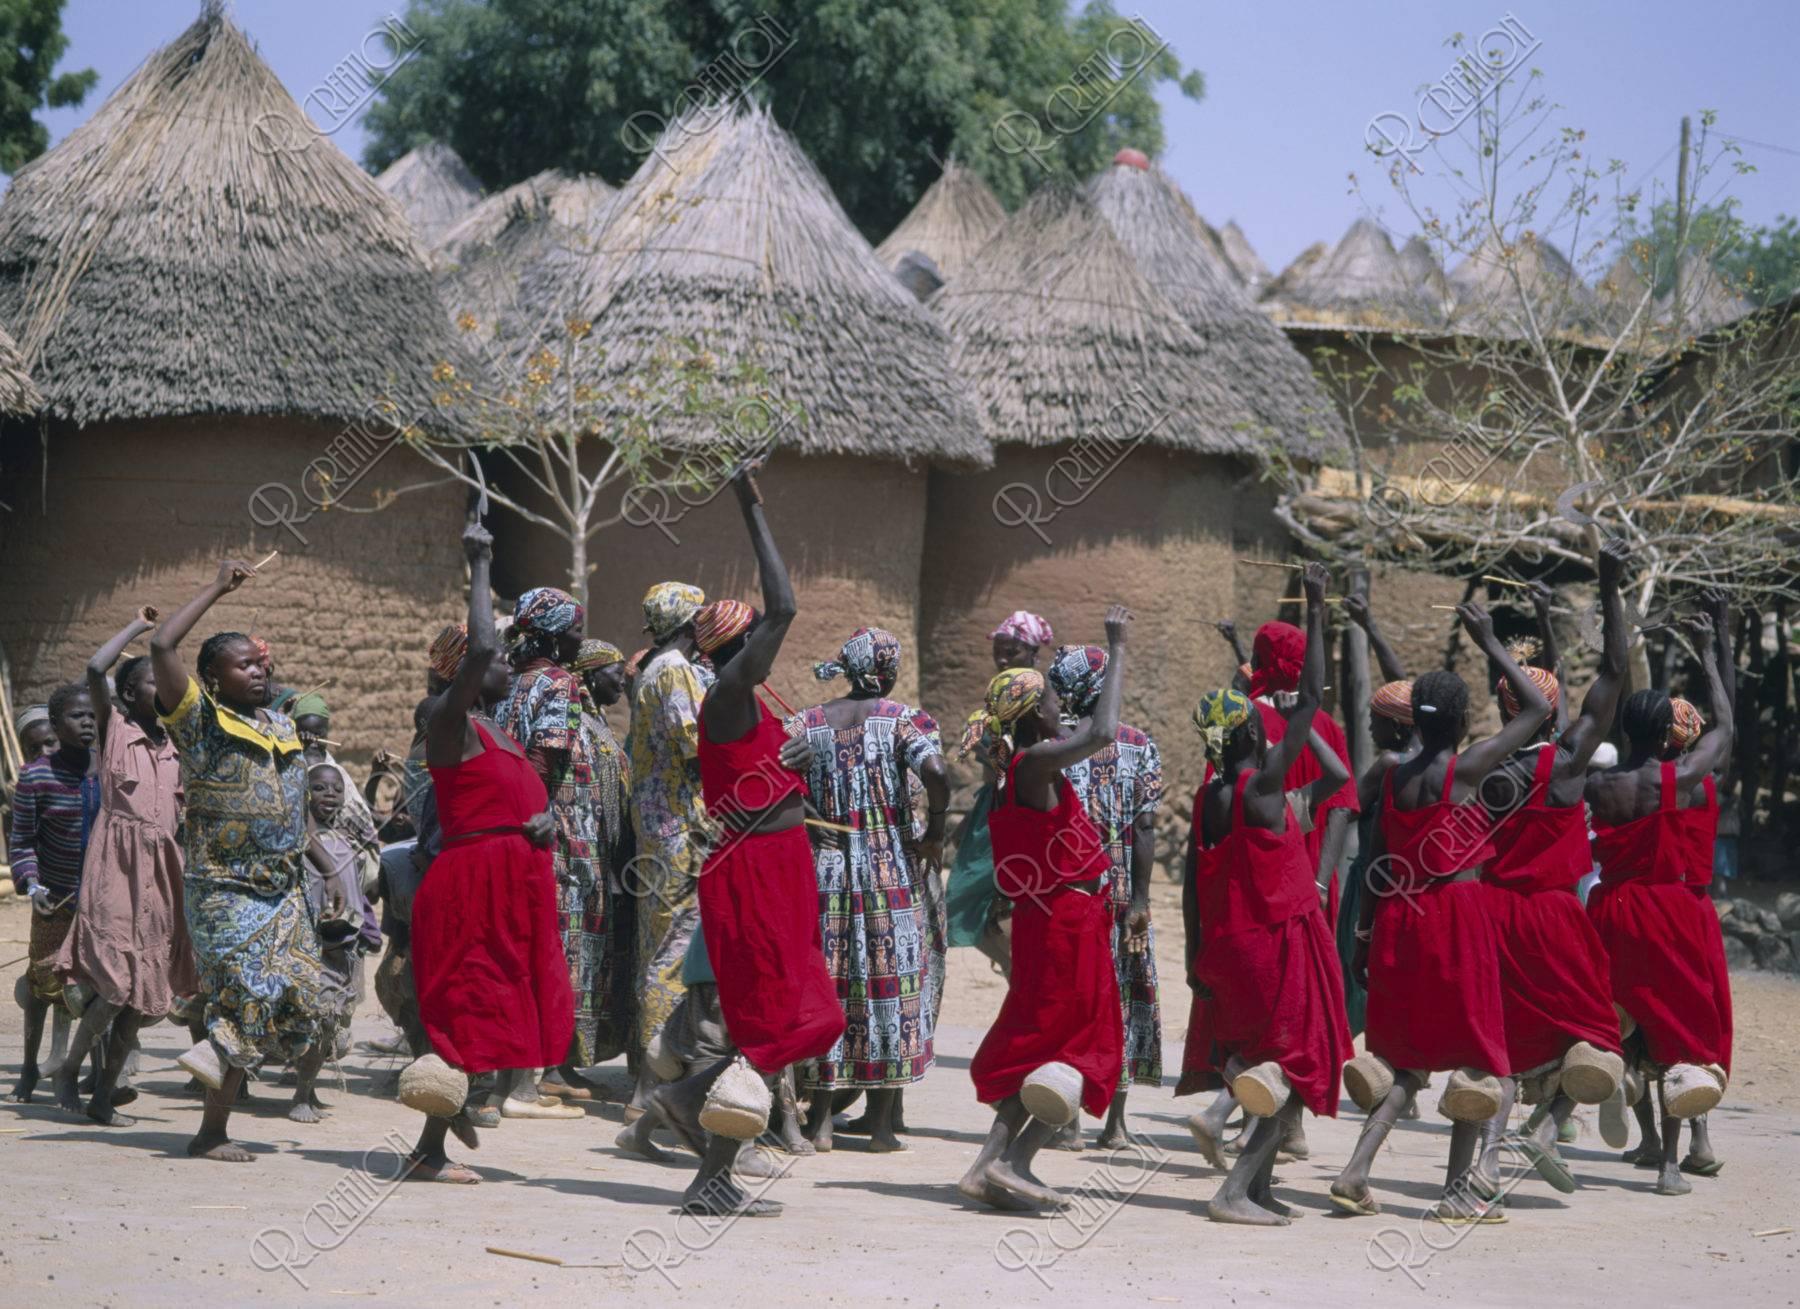 ポドコ族キルディダンス